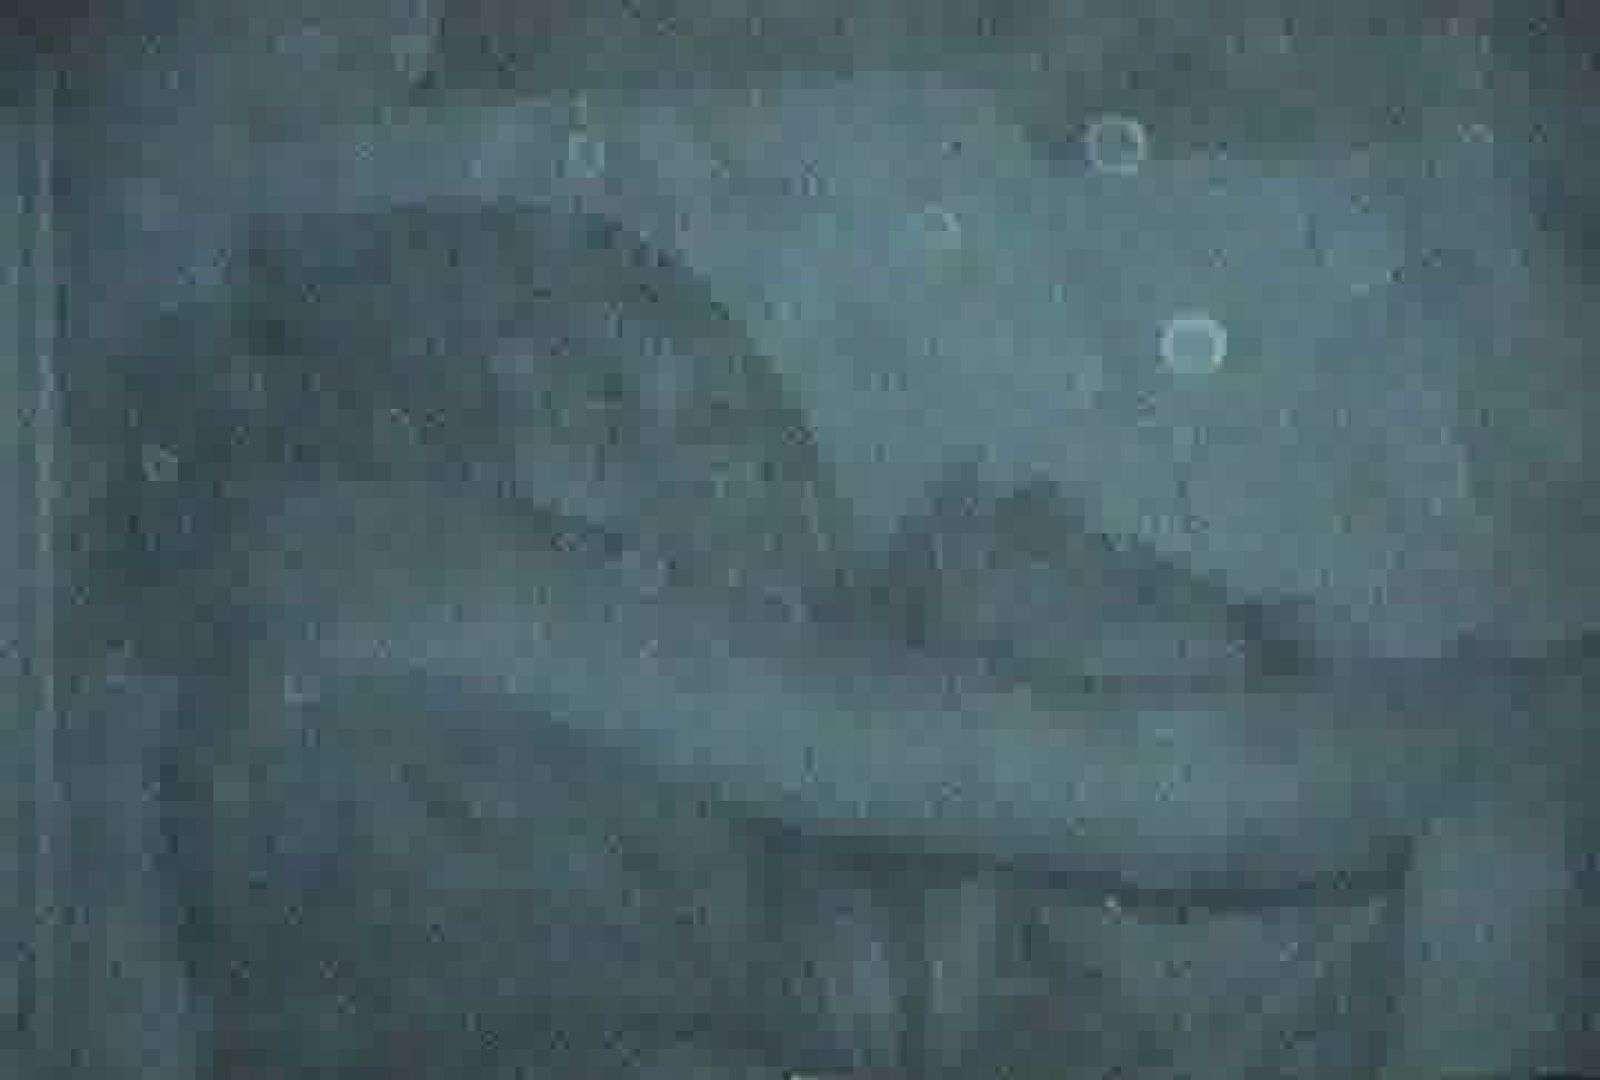 充血監督の深夜の運動会Vol.66 小悪魔ギャル   マンコ映像  33連発 1